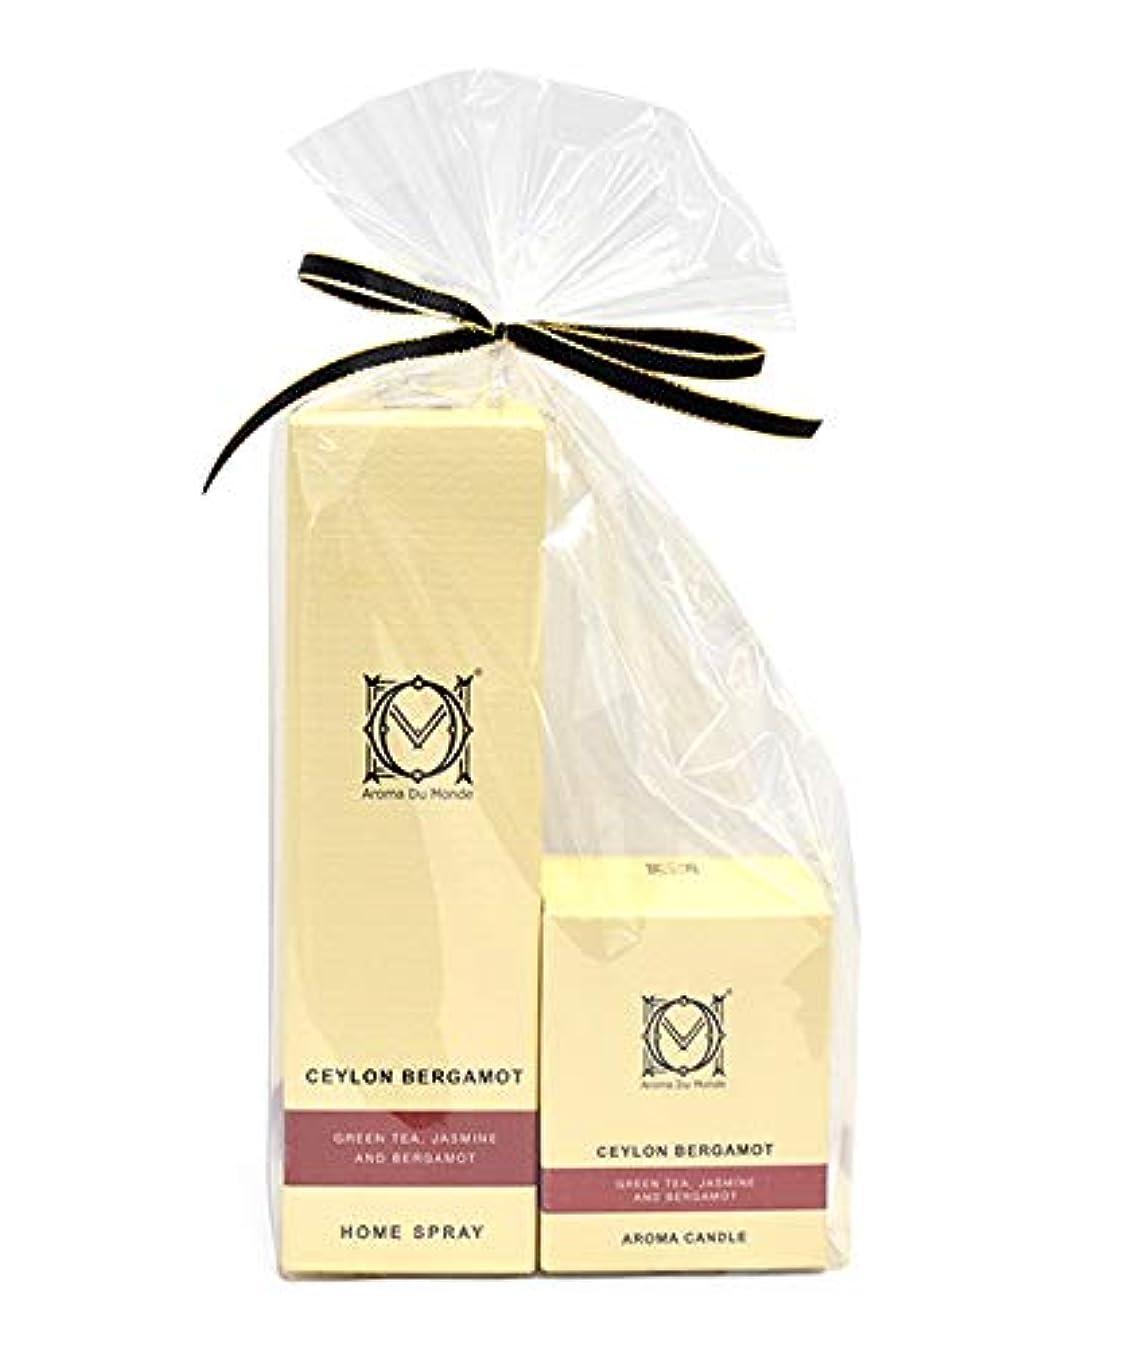 画像ペニー極小ホームスプレー&キャンドル セイロンベルガモットセット Aroma Du Monde/ADM Home Spray & Candle Ceylon Bergamot Set 81151